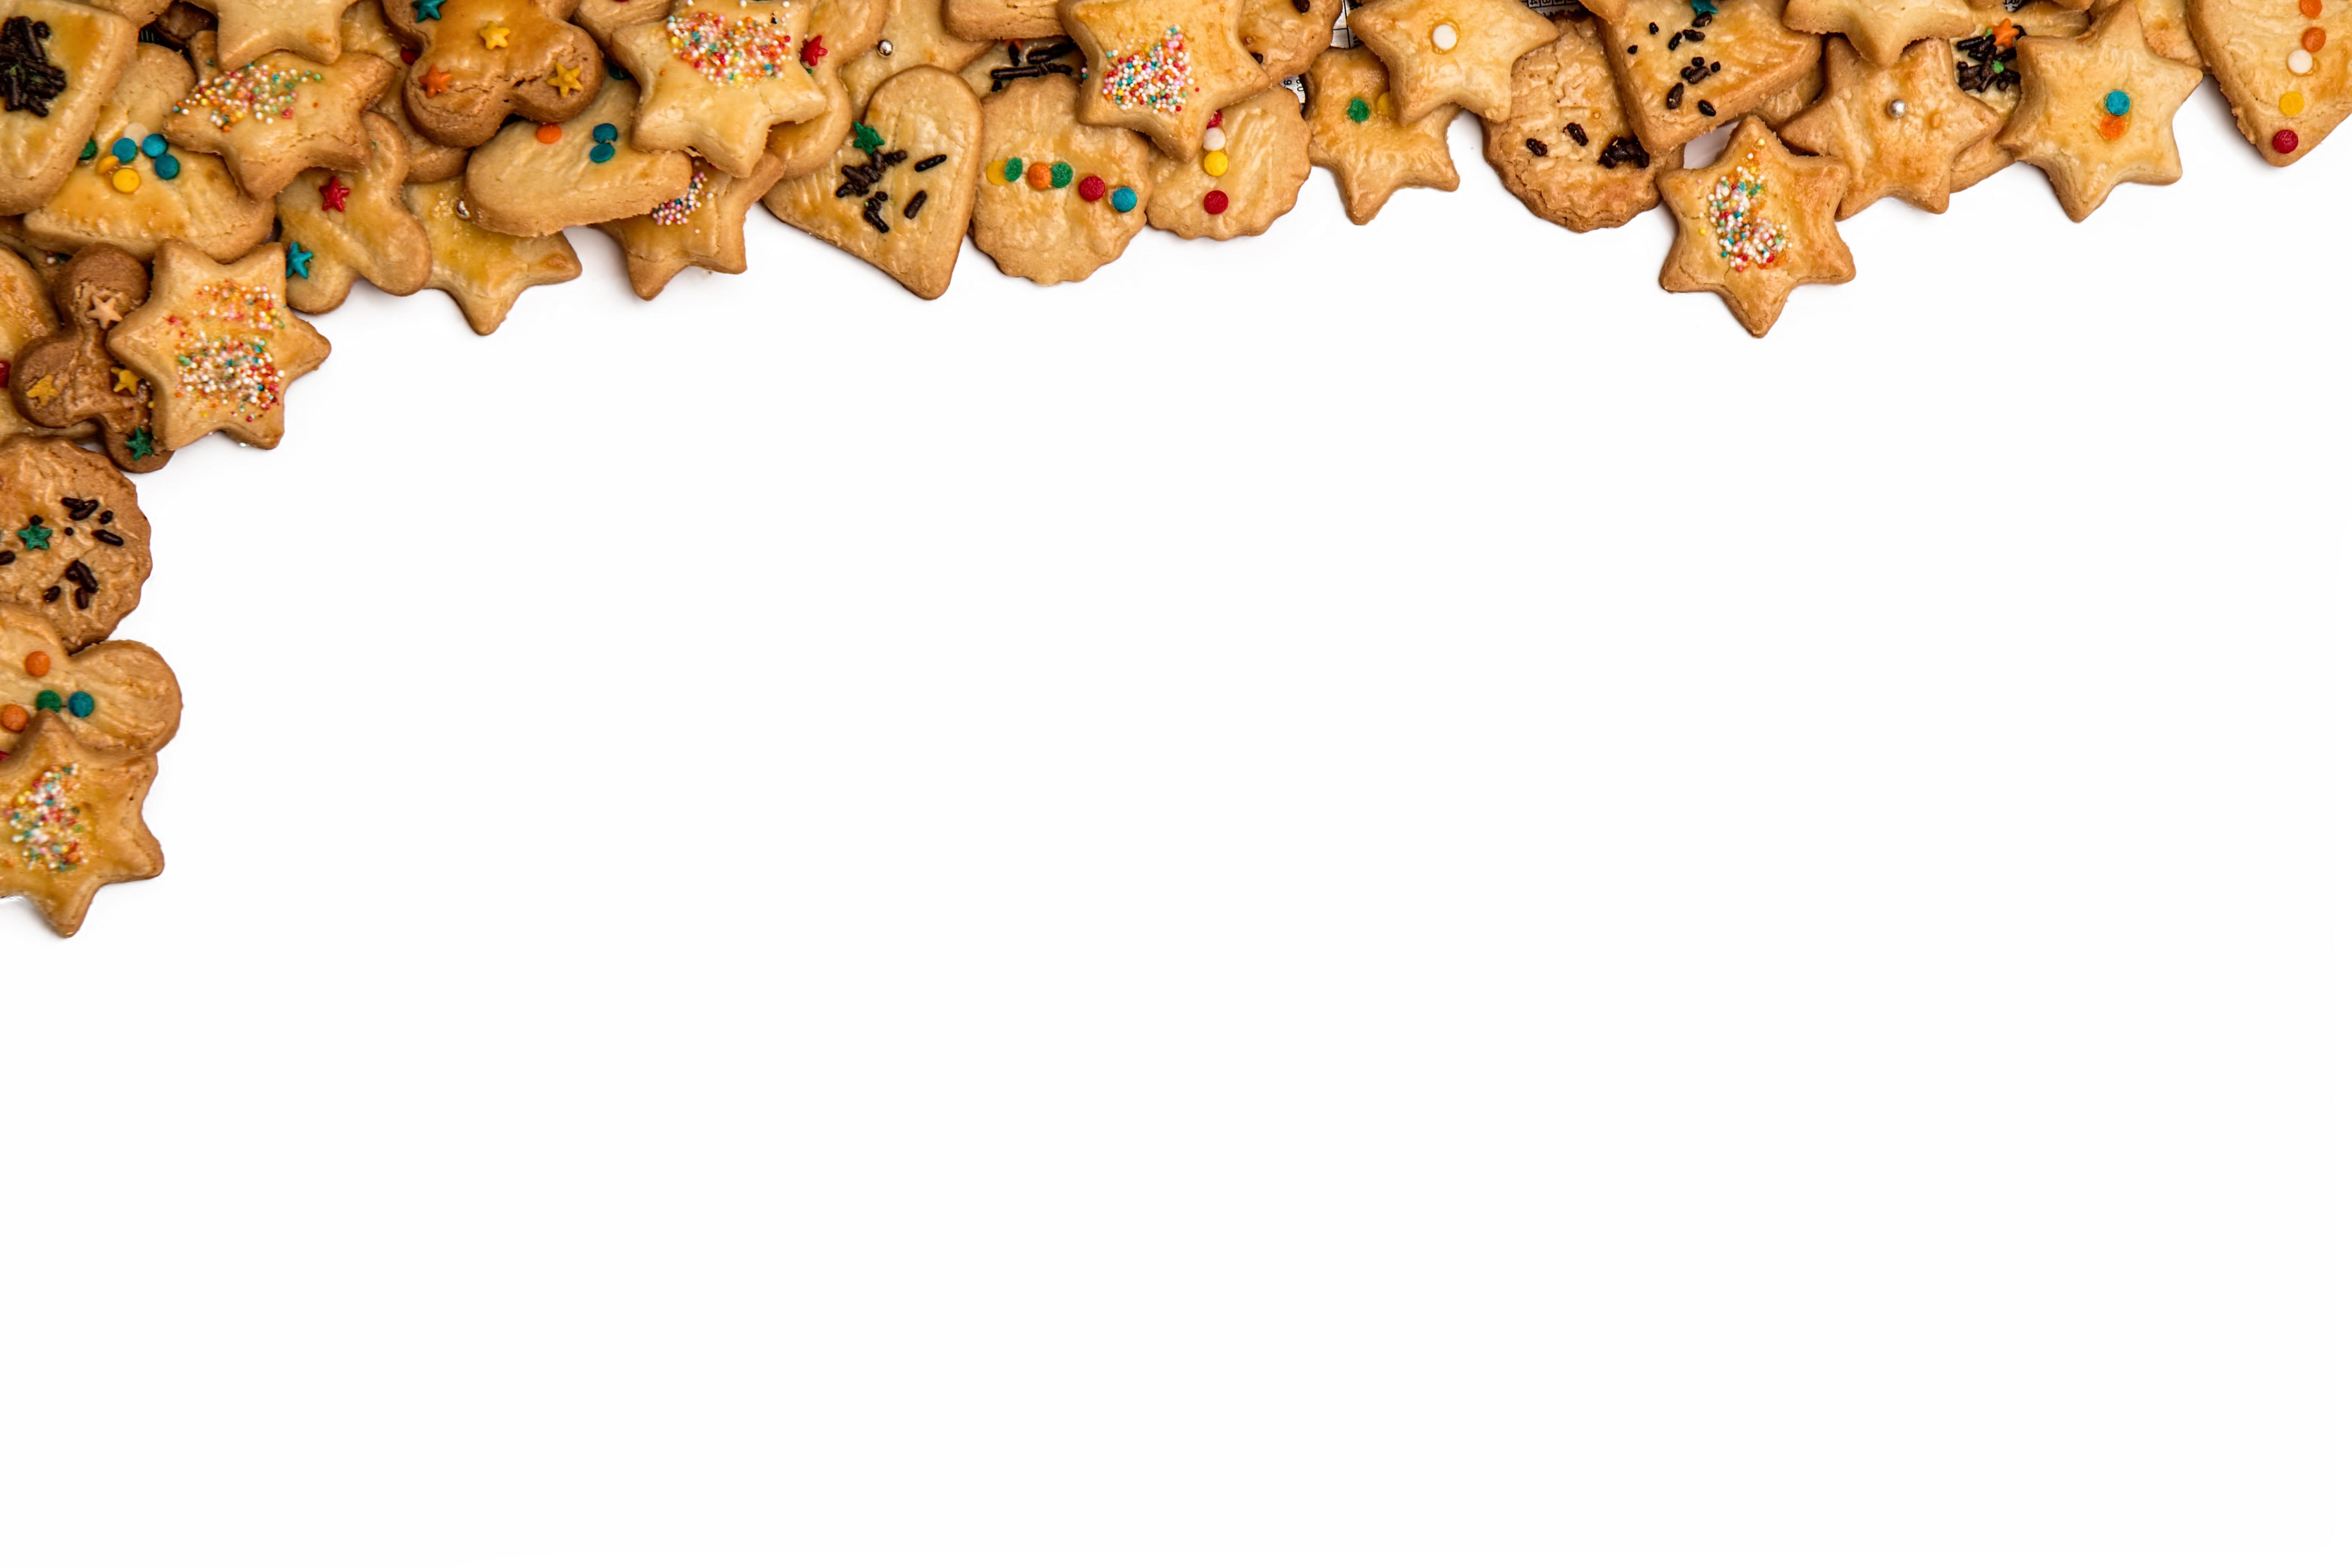 Unduh 300 Wallpaper Bagus Makanan  Paling Baru